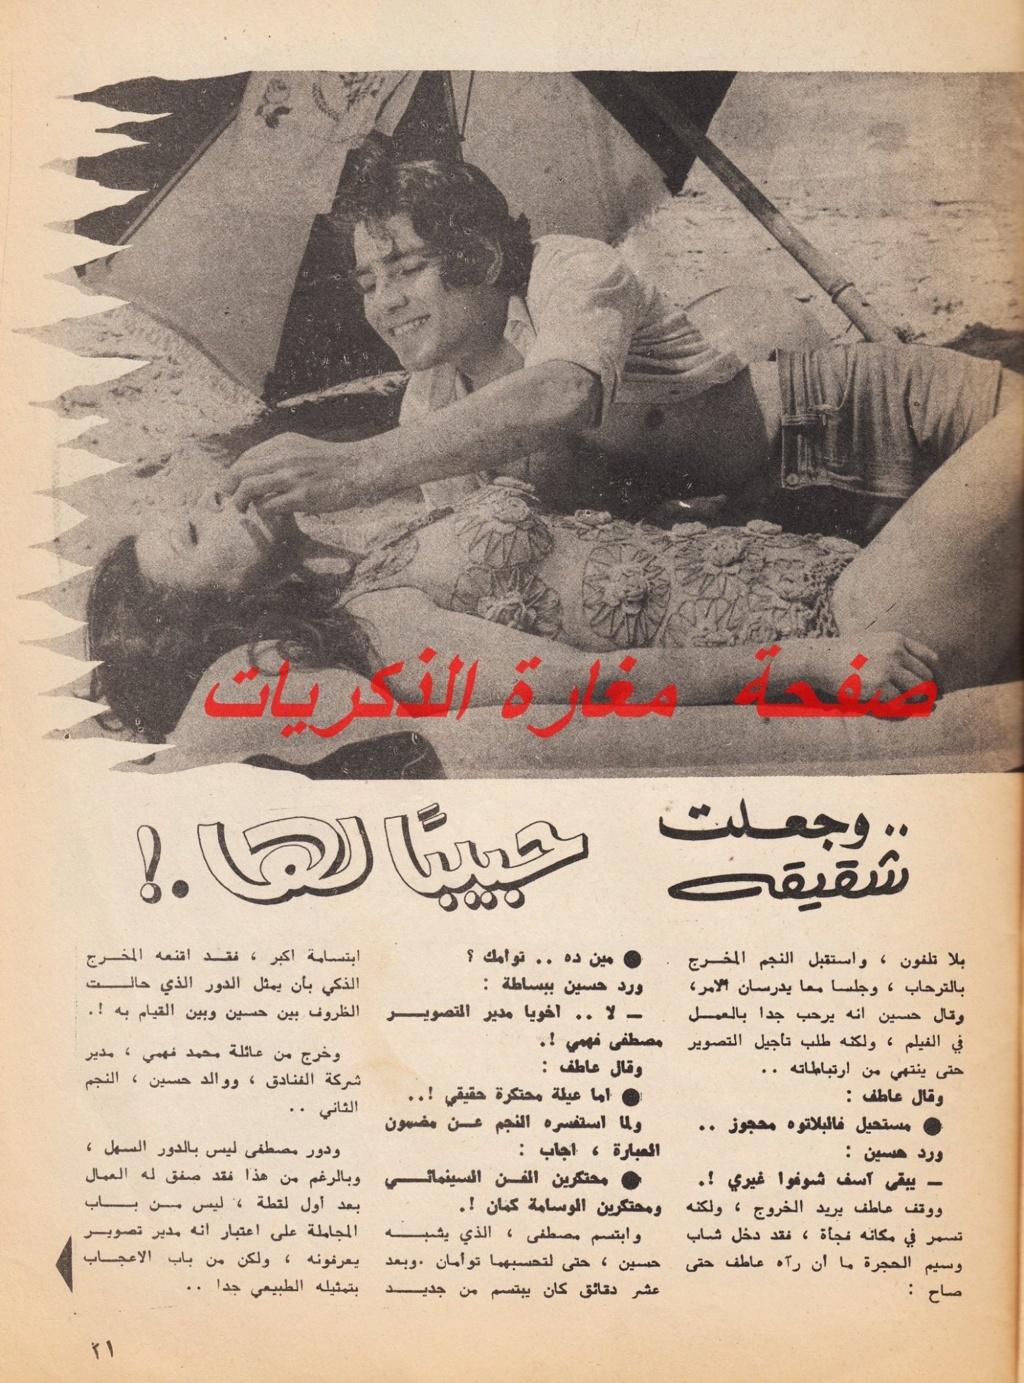 مقال - مقال صحفي : الصدفة ابعدت حسين فهمي عن سعاد حسني 1973 م 2164